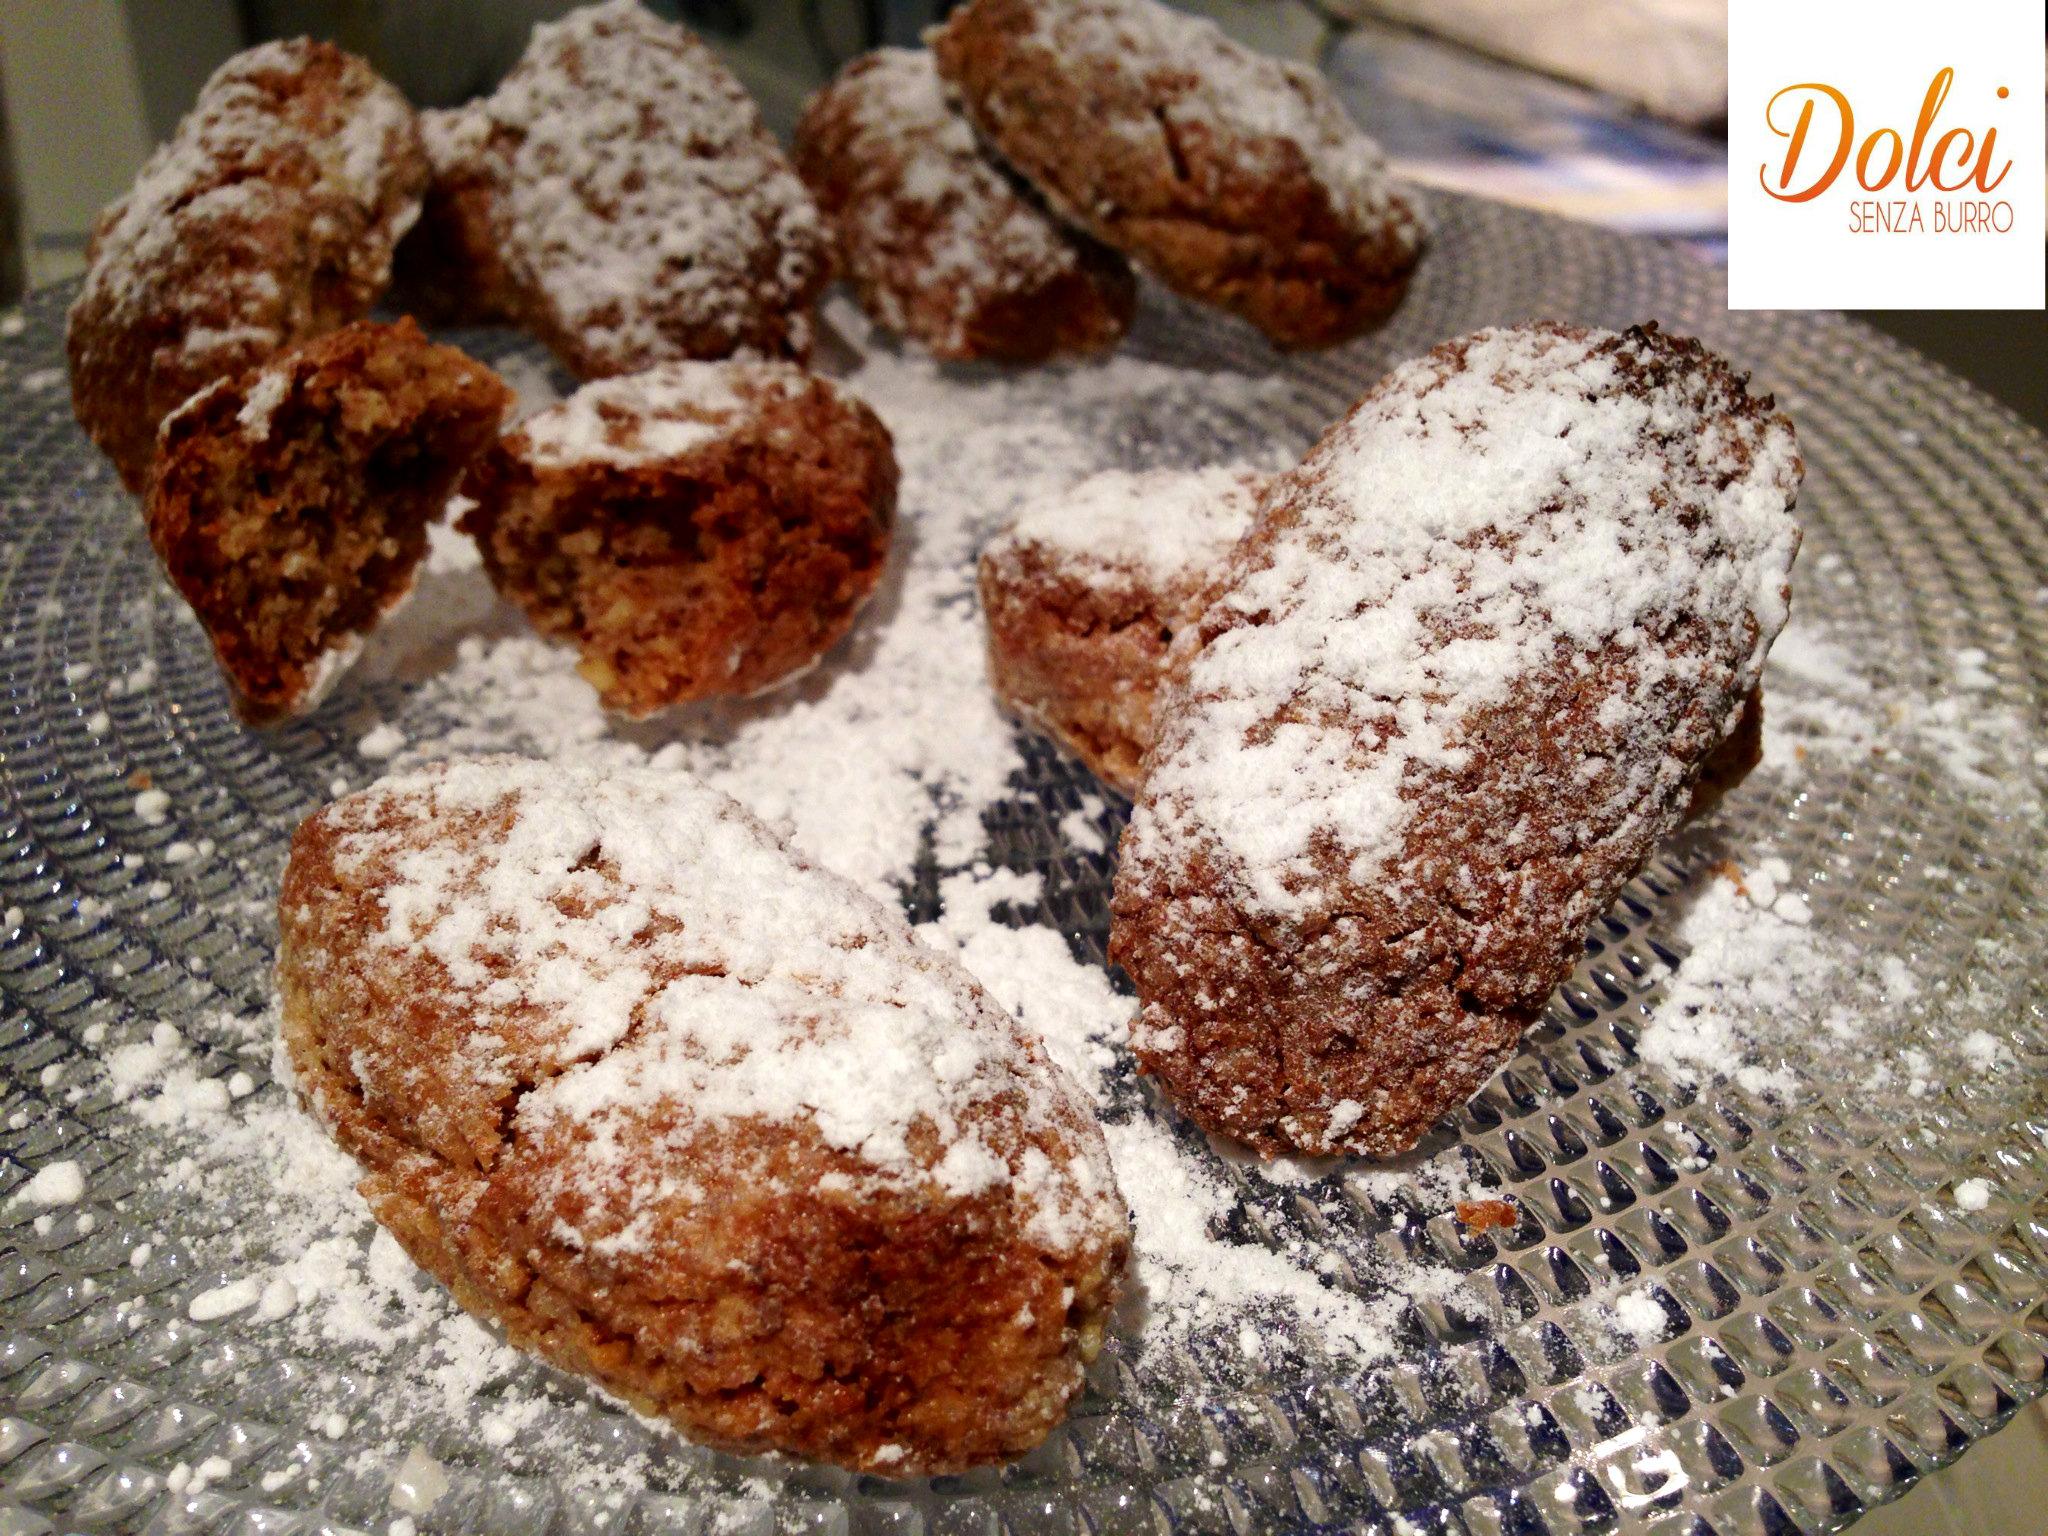 I Ricciarelli sono i tipici biscotti di Natale toscani di dolci senza burro